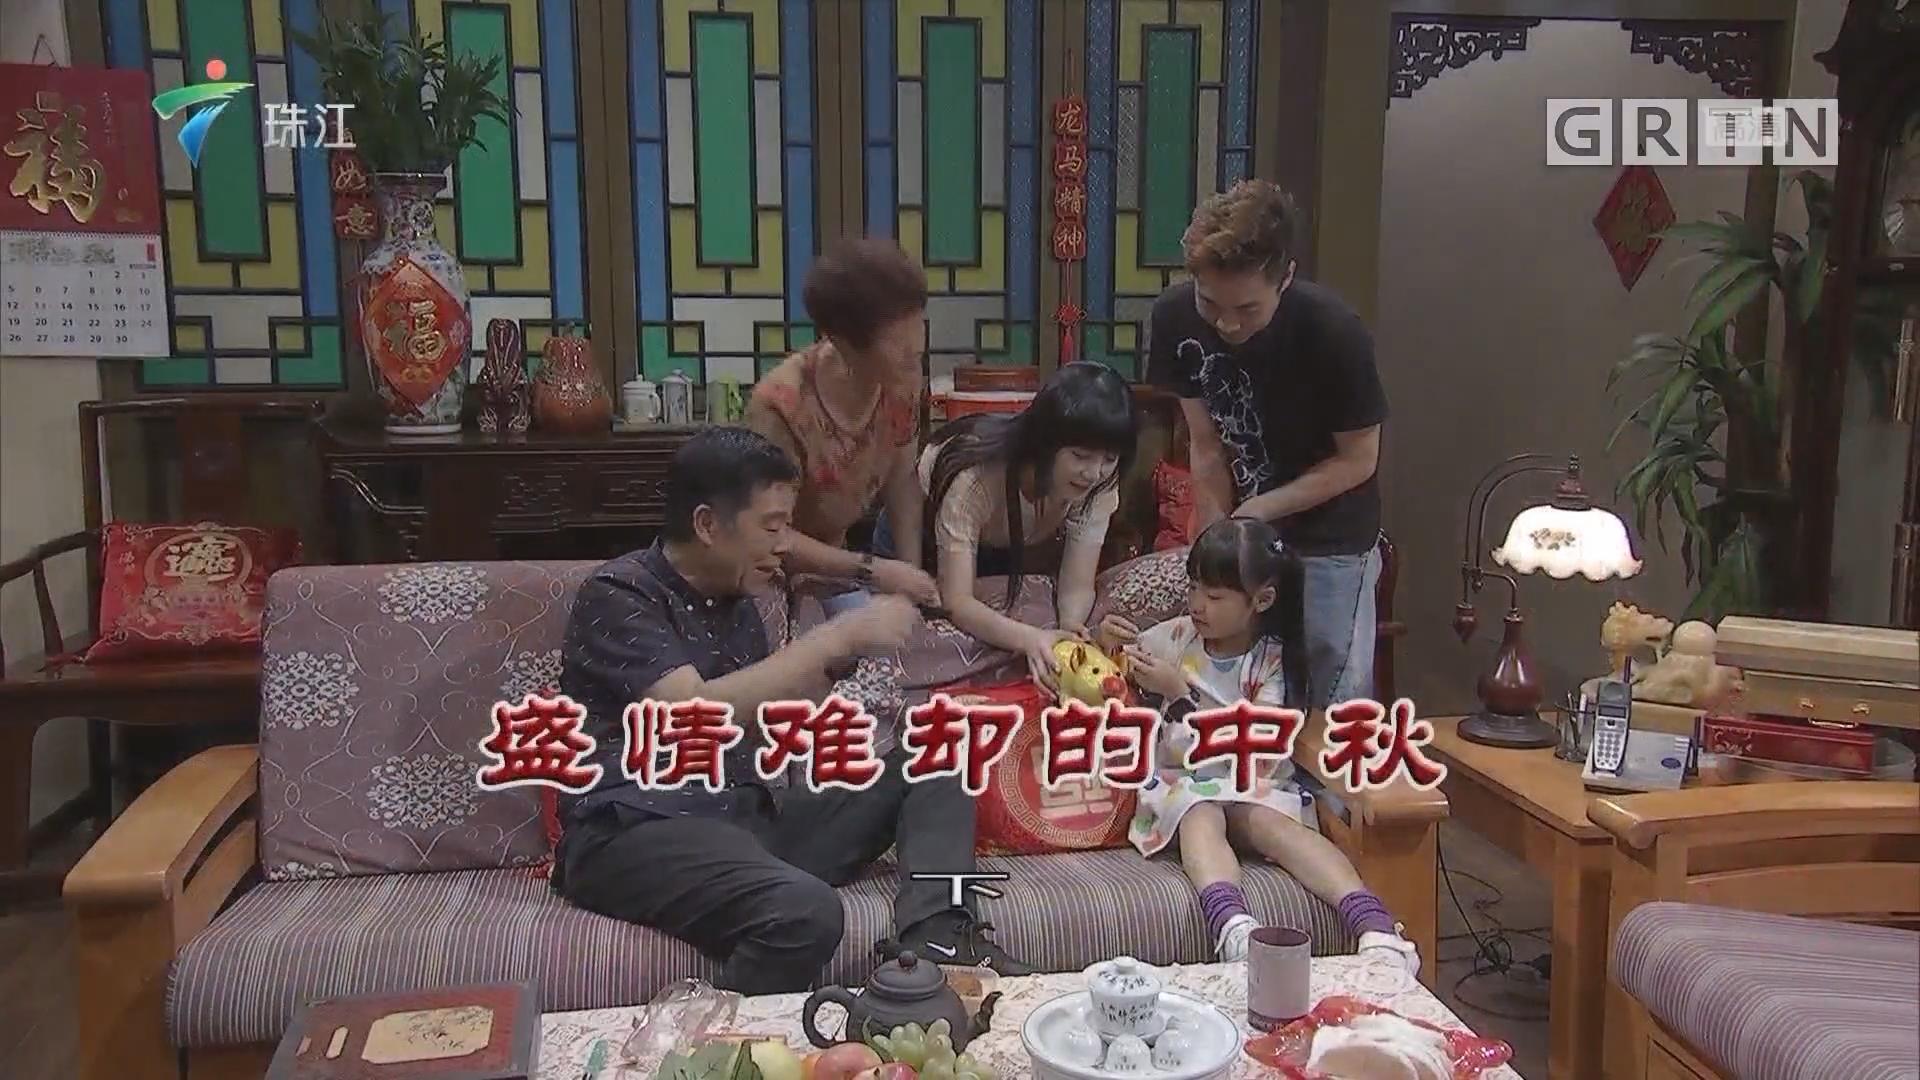 [HD][2019-09-14]外来媳妇本地郎:盛情难却的中秋(下)